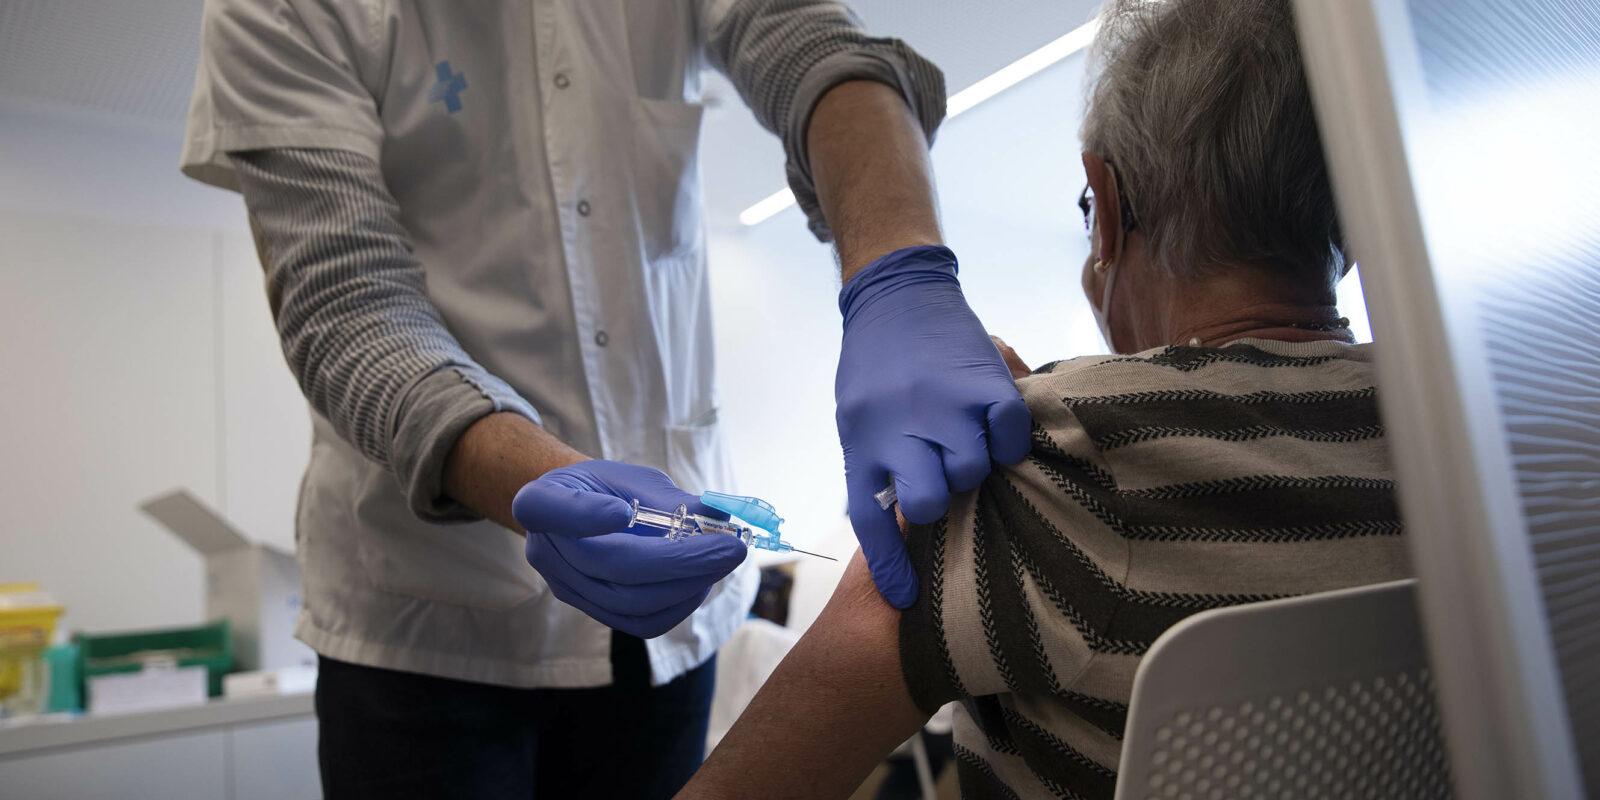 Un metge vacuna una senyora / Jordi Play